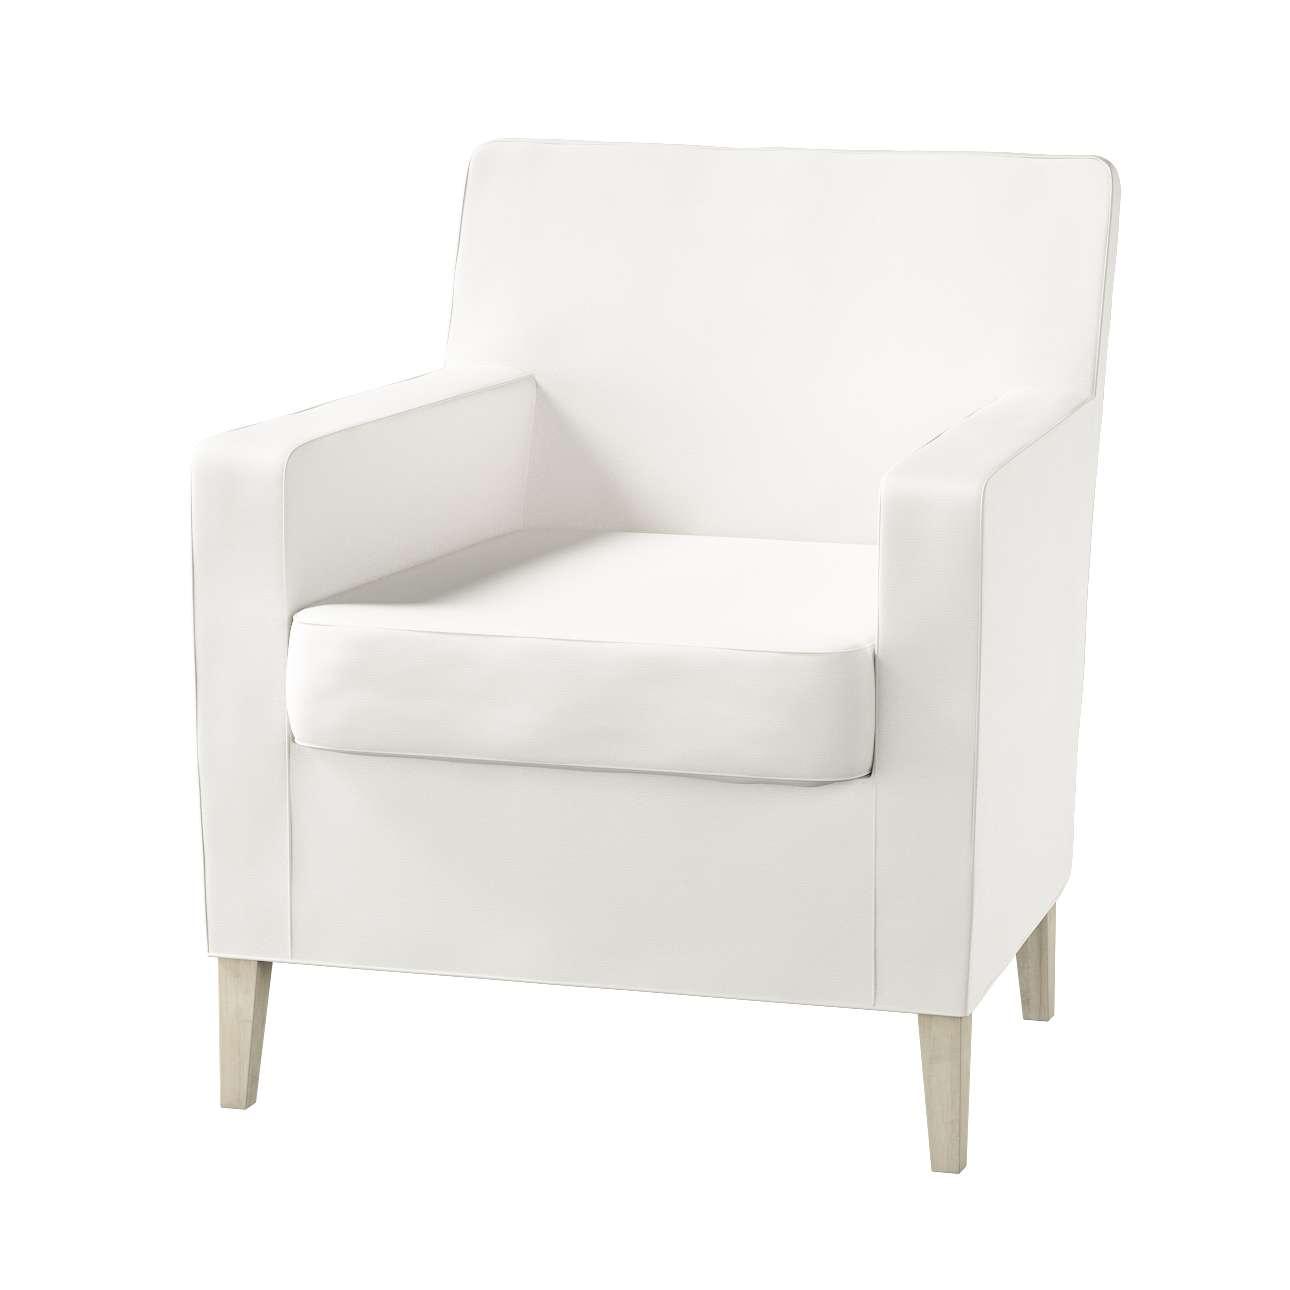 Pokrowiec na fotel Karlstad Fotel  Karlstad w kolekcji Cotton Panama, tkanina: 702-34